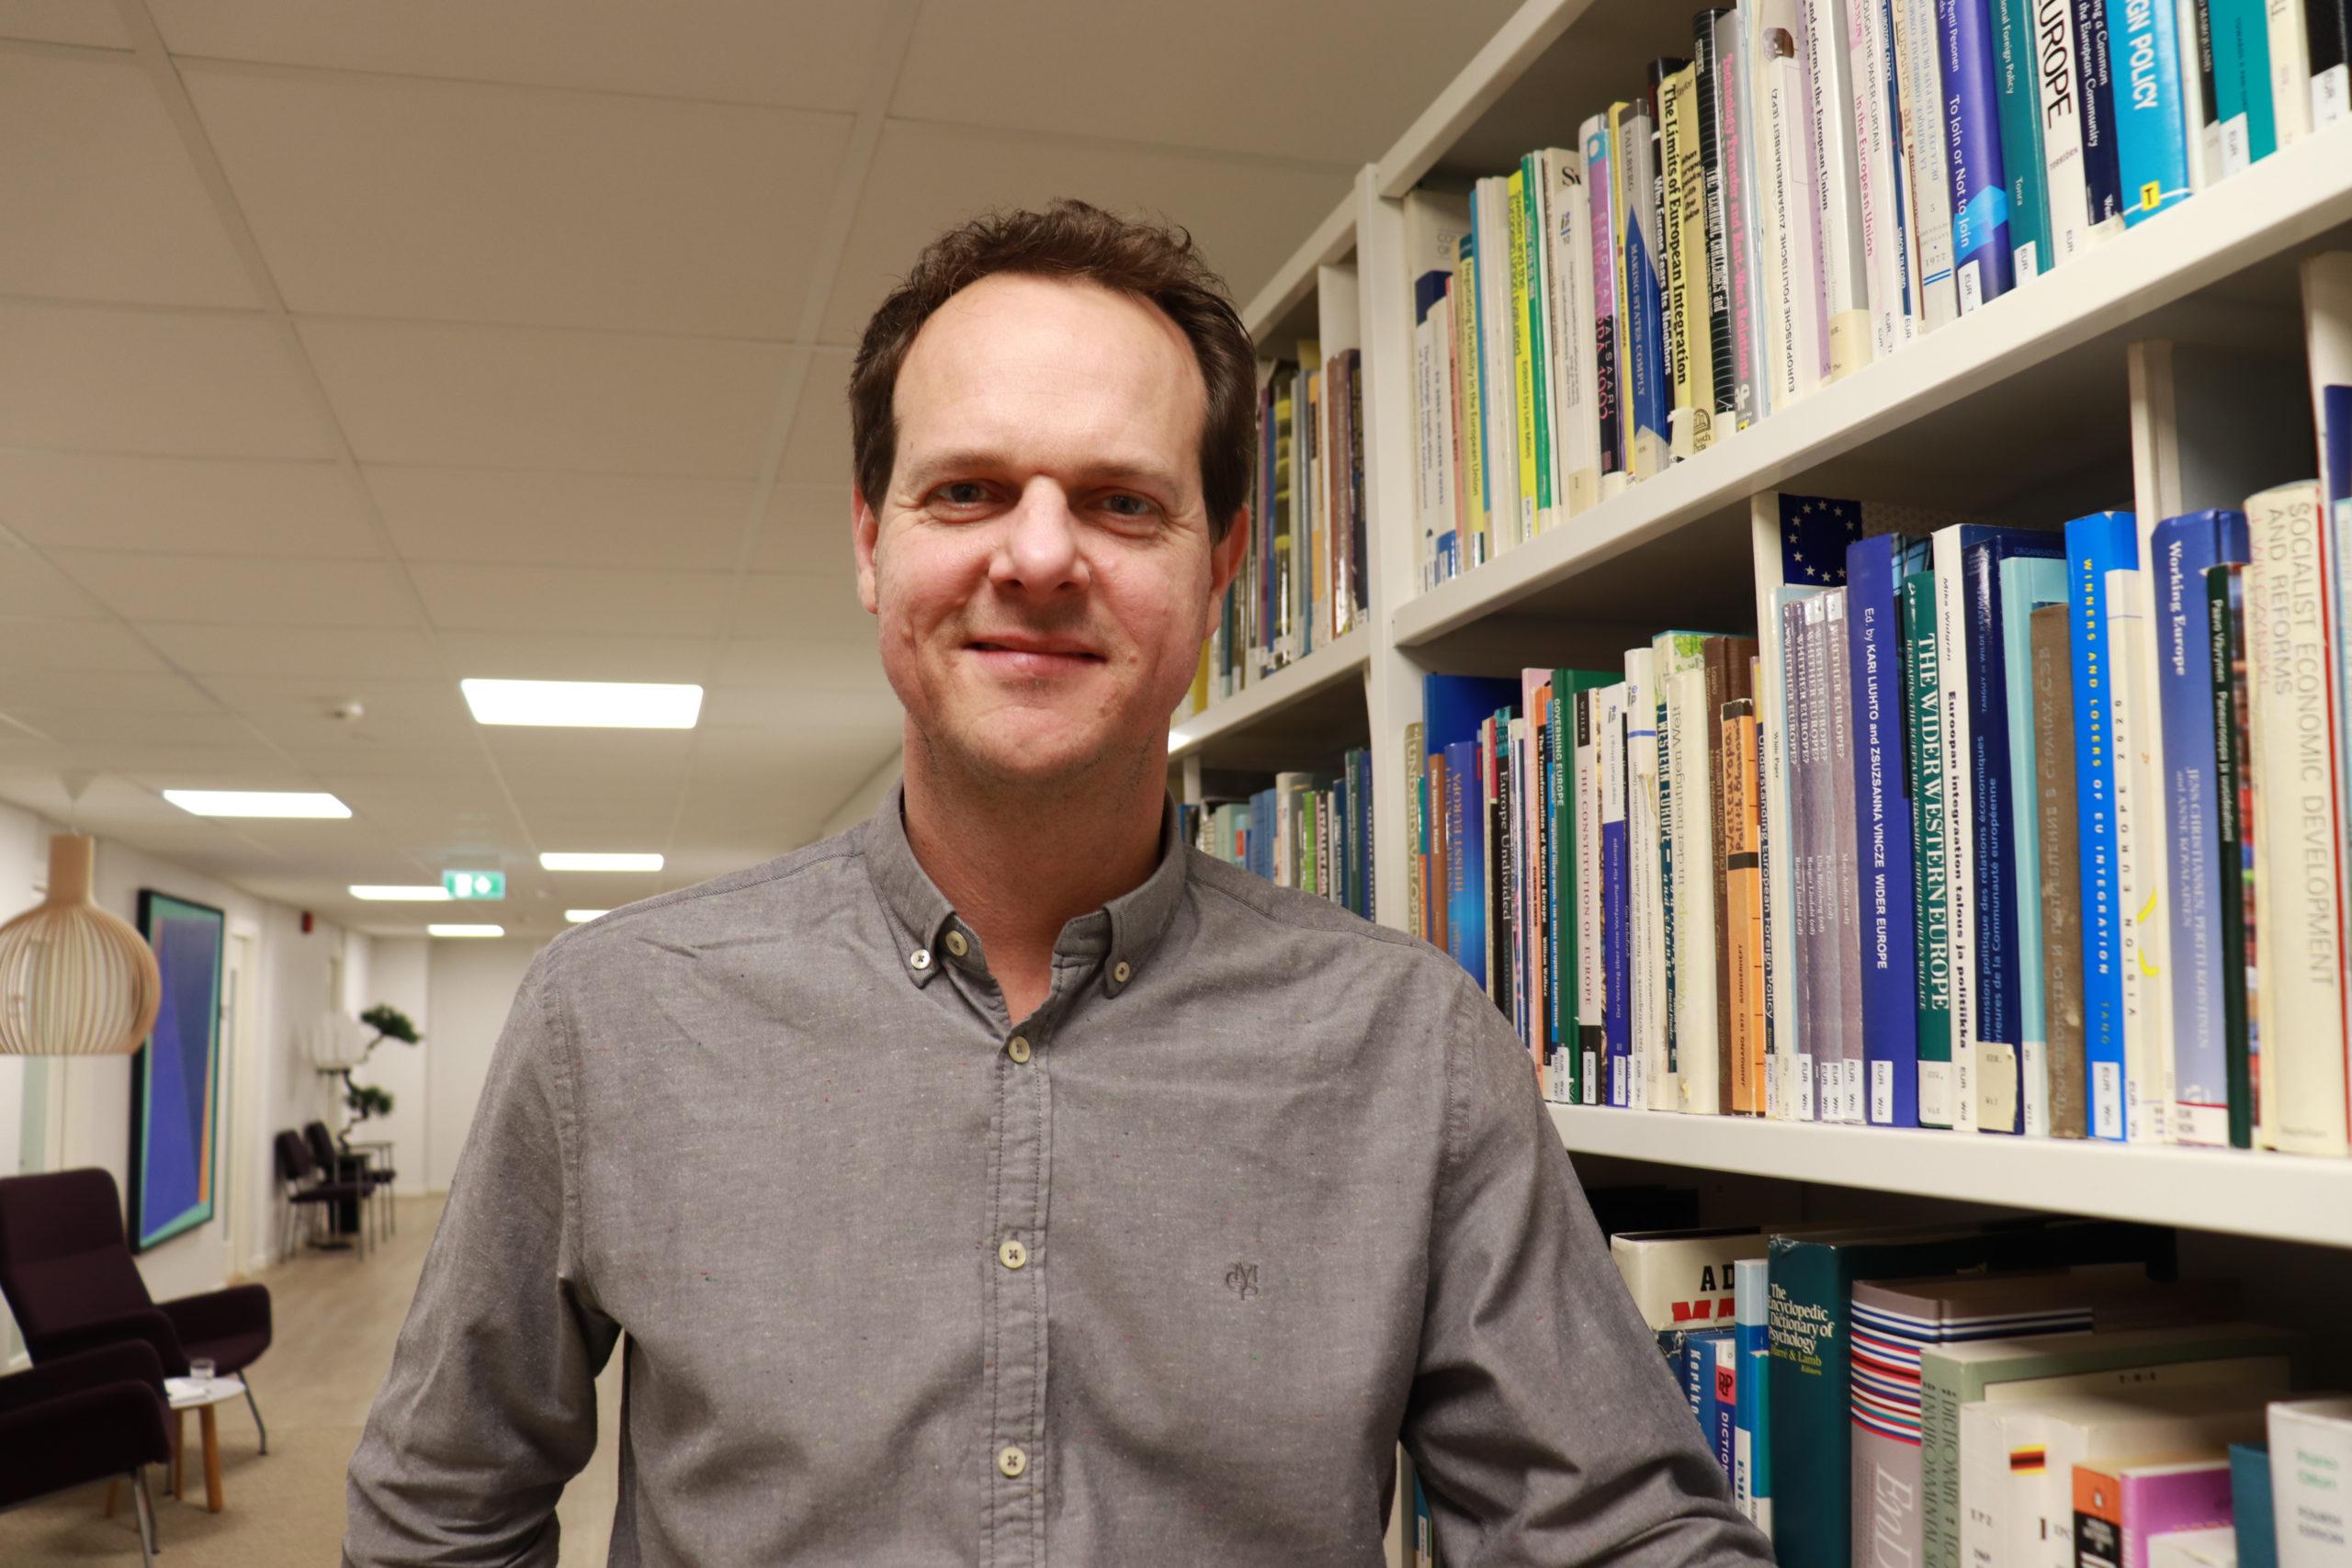 Wolfgang Mühlberger Ulkopoliittisesta instituutista toimitti kollegansa Toni Alarannan kanssa kirjan poliittisista narratiiveista.